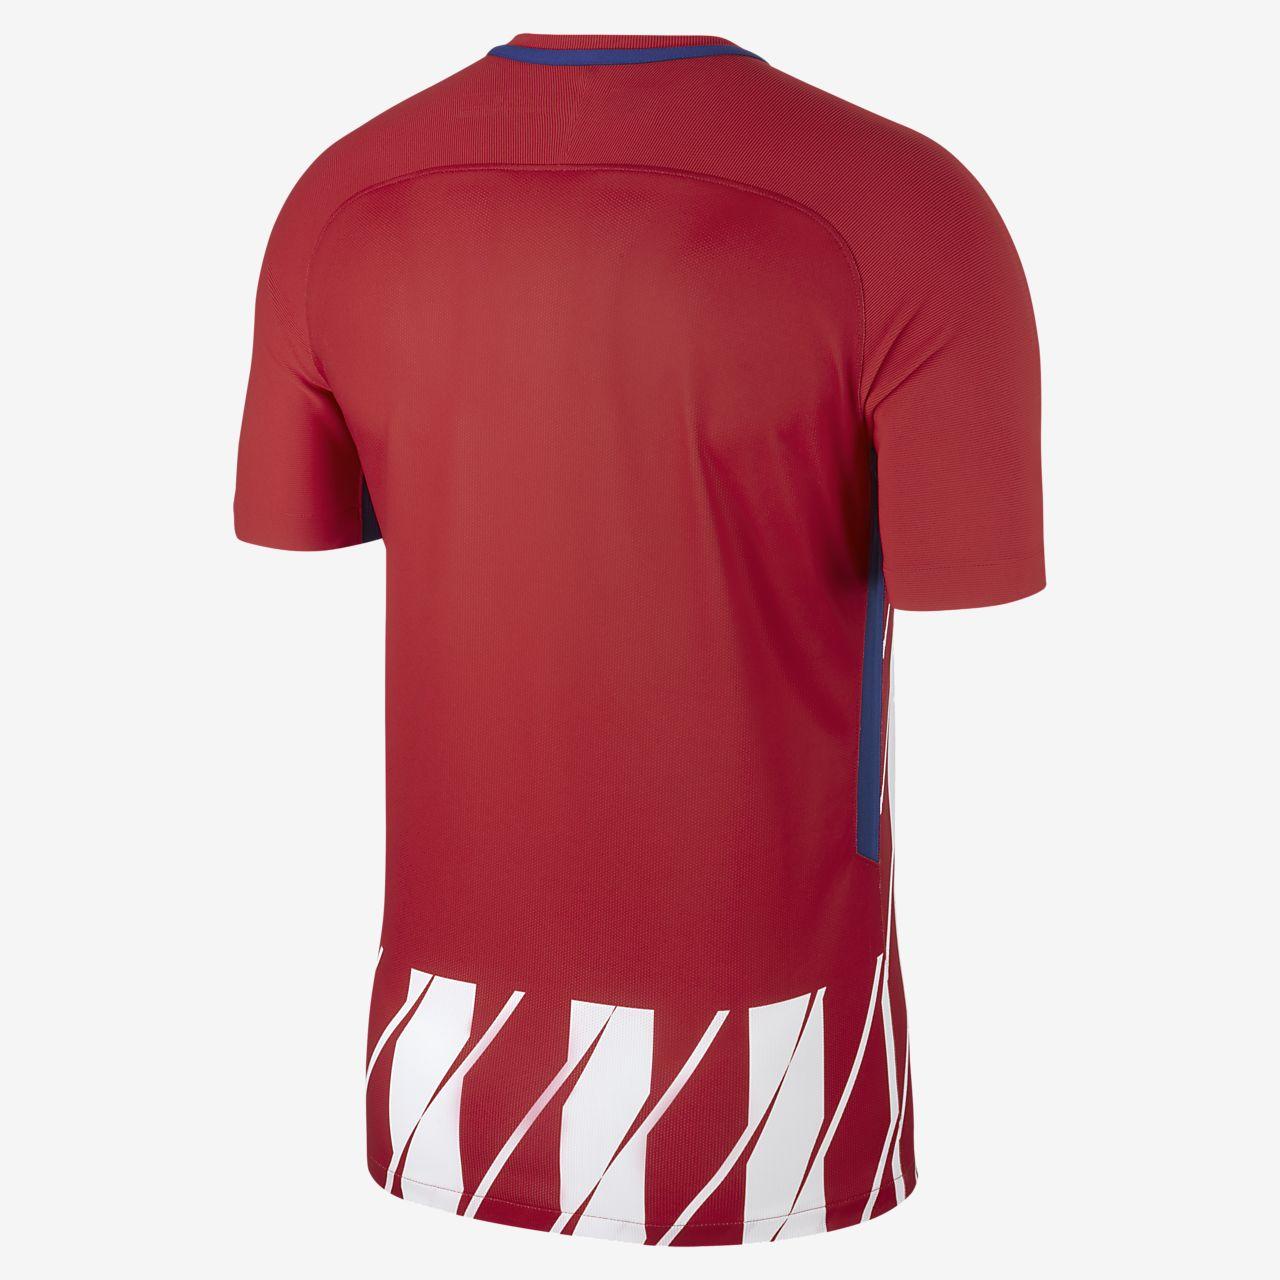 ... 2017/18 Atletico de Madrid Vapor Match Home Men's Football Shirt